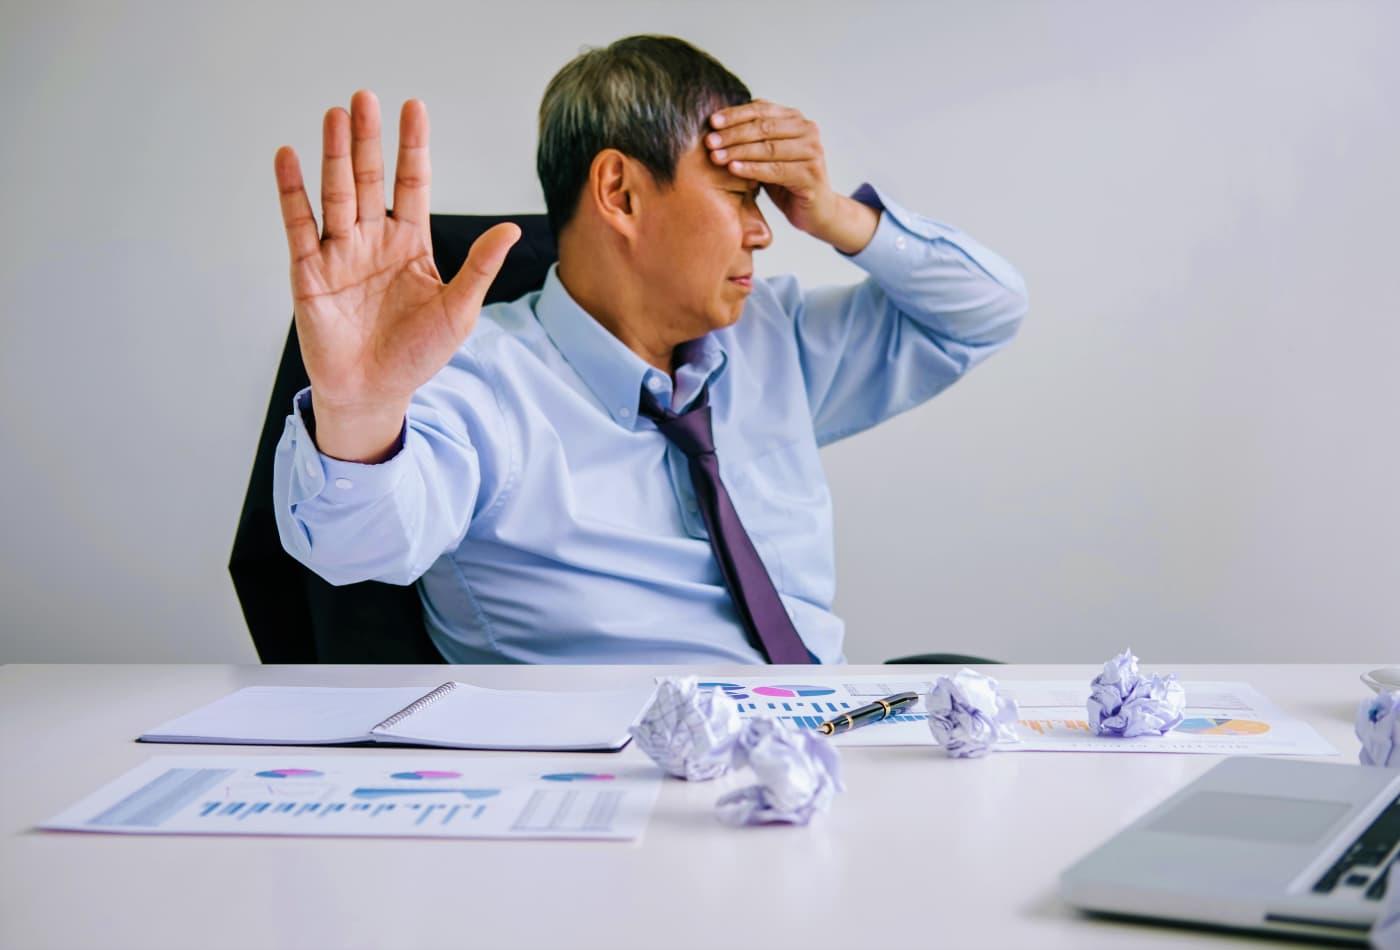 """Muốn """"bách phát bách trúng"""" khi xin việc, chớ dại nói 6 câu phổ biến này - 3"""